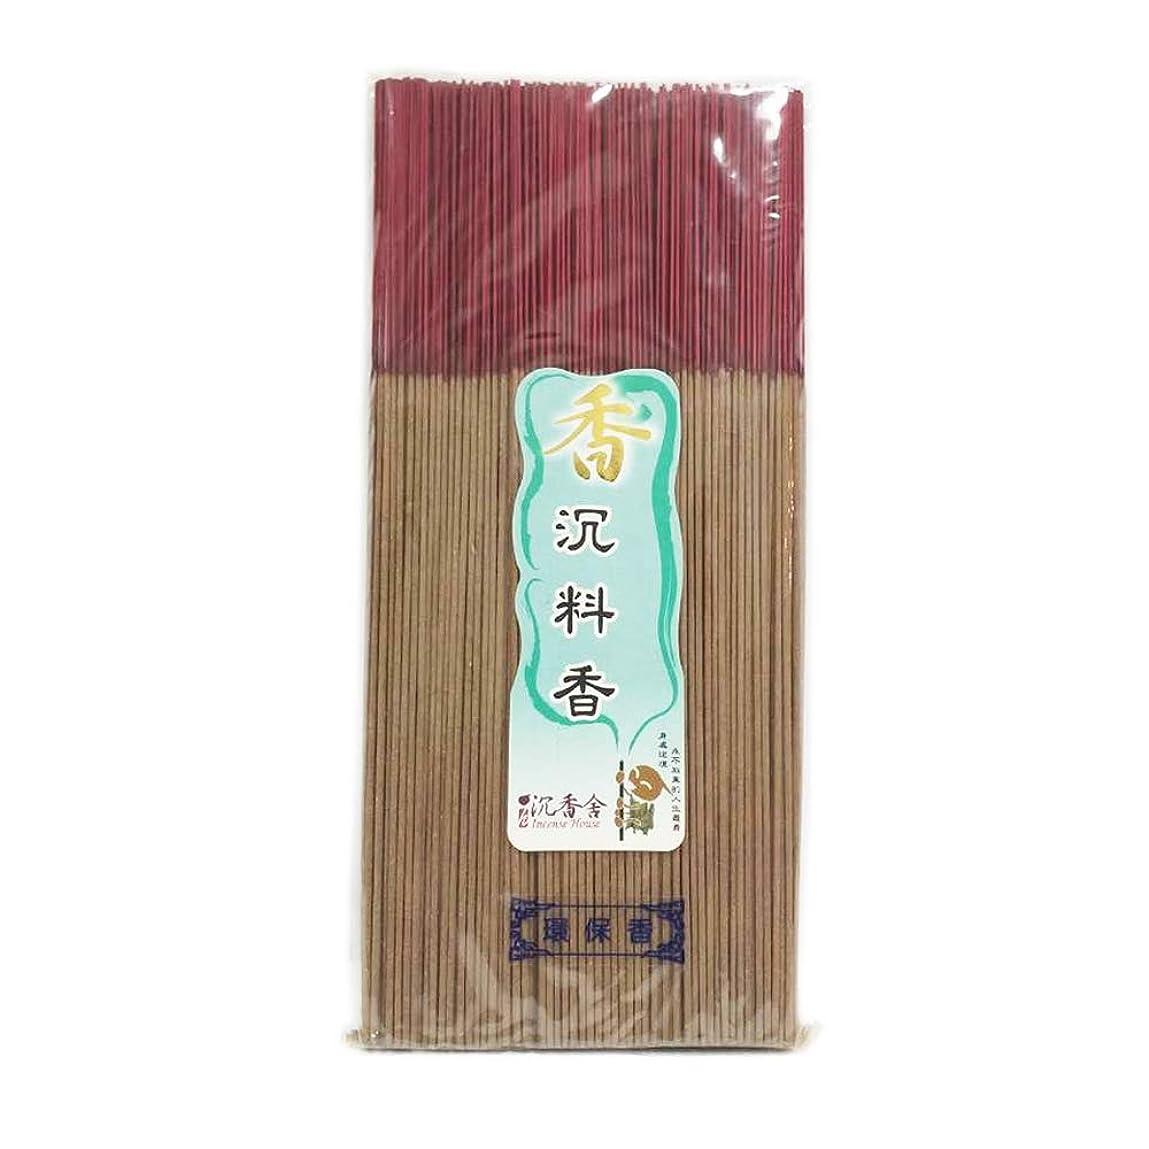 おばさん応用反逆者伝統的 中国風 薬味 ジョス お香スティック 300g 台湾 お香 家 宗教的 仏陀用 約400本 30cm